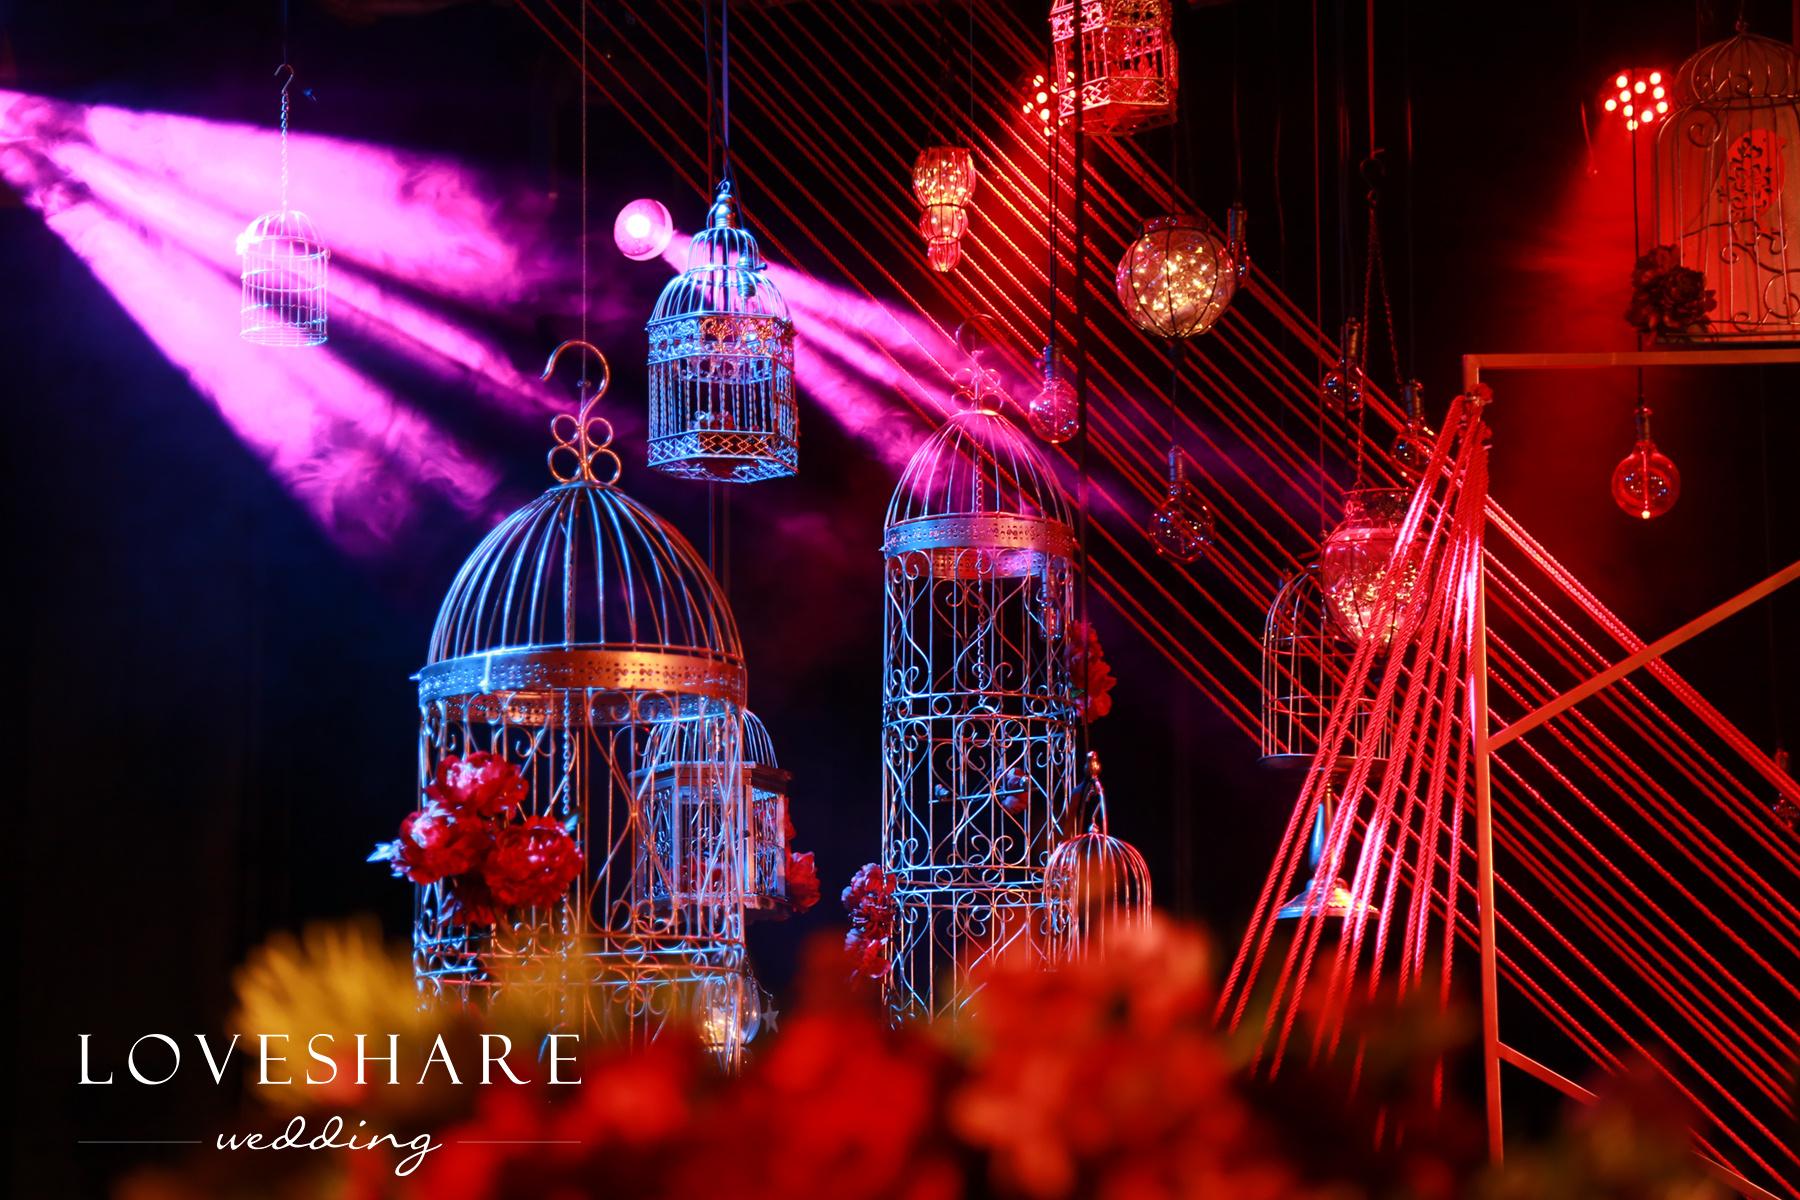 紫金山庄 几何元素婚礼|空间|舞台美术|loveshare爱享